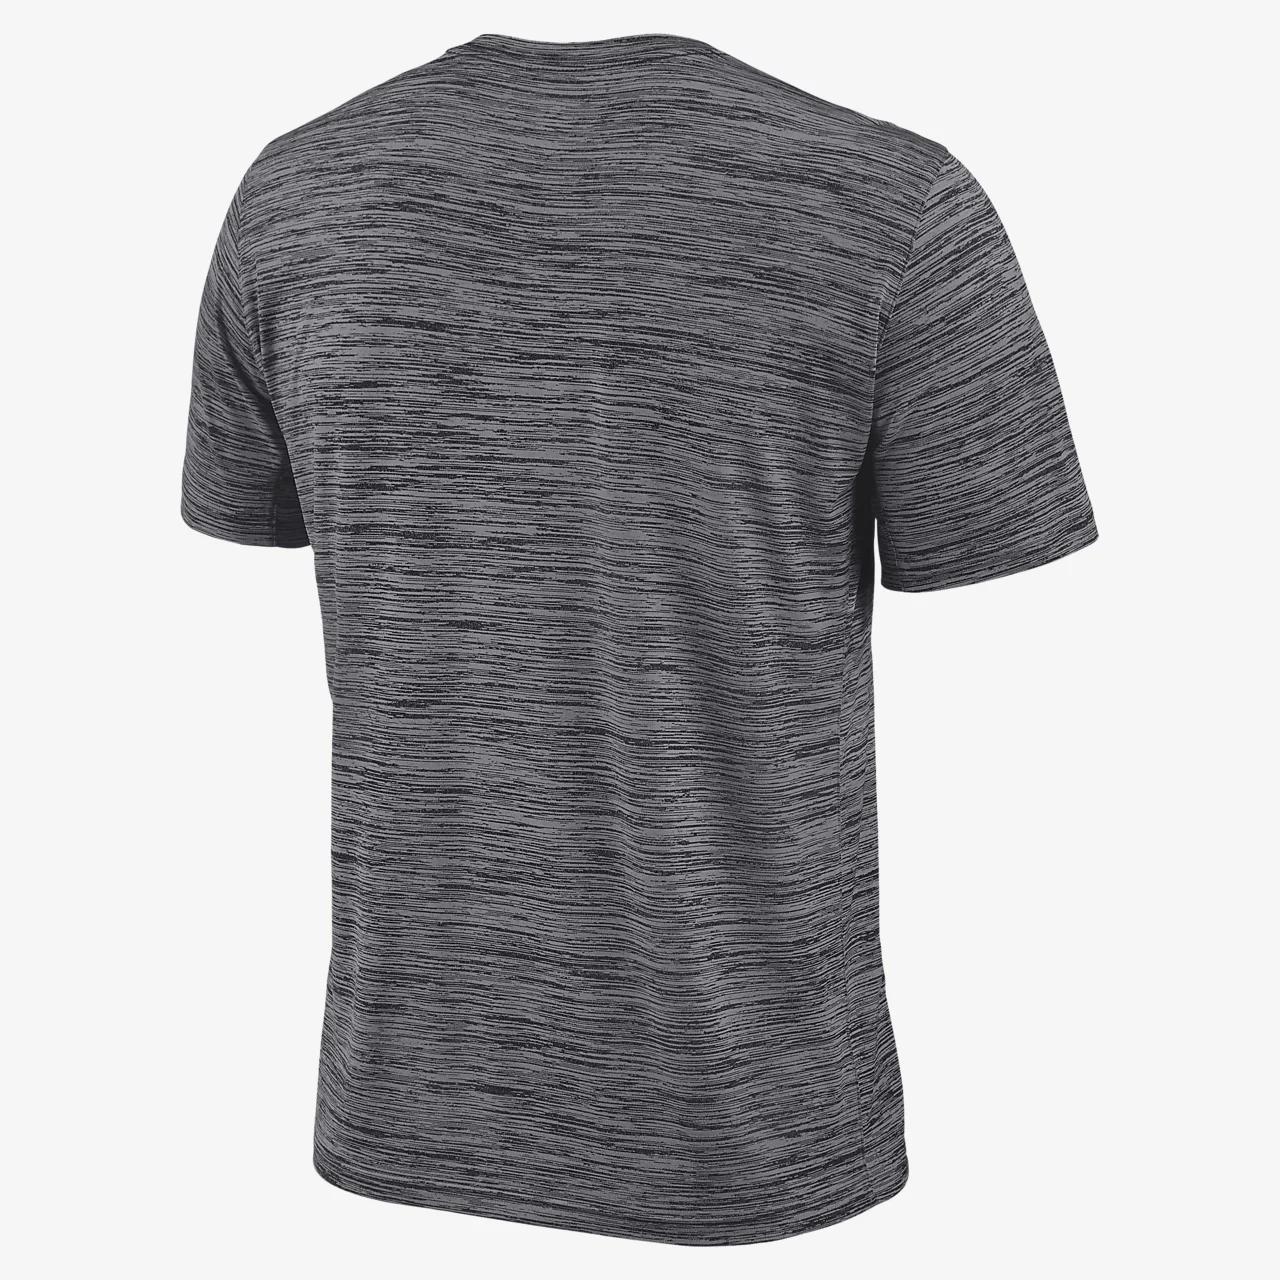 나이키 칼리지 드라이-핏 벨로시티 (아이오와) 남성 티셔츠 CT7601-021